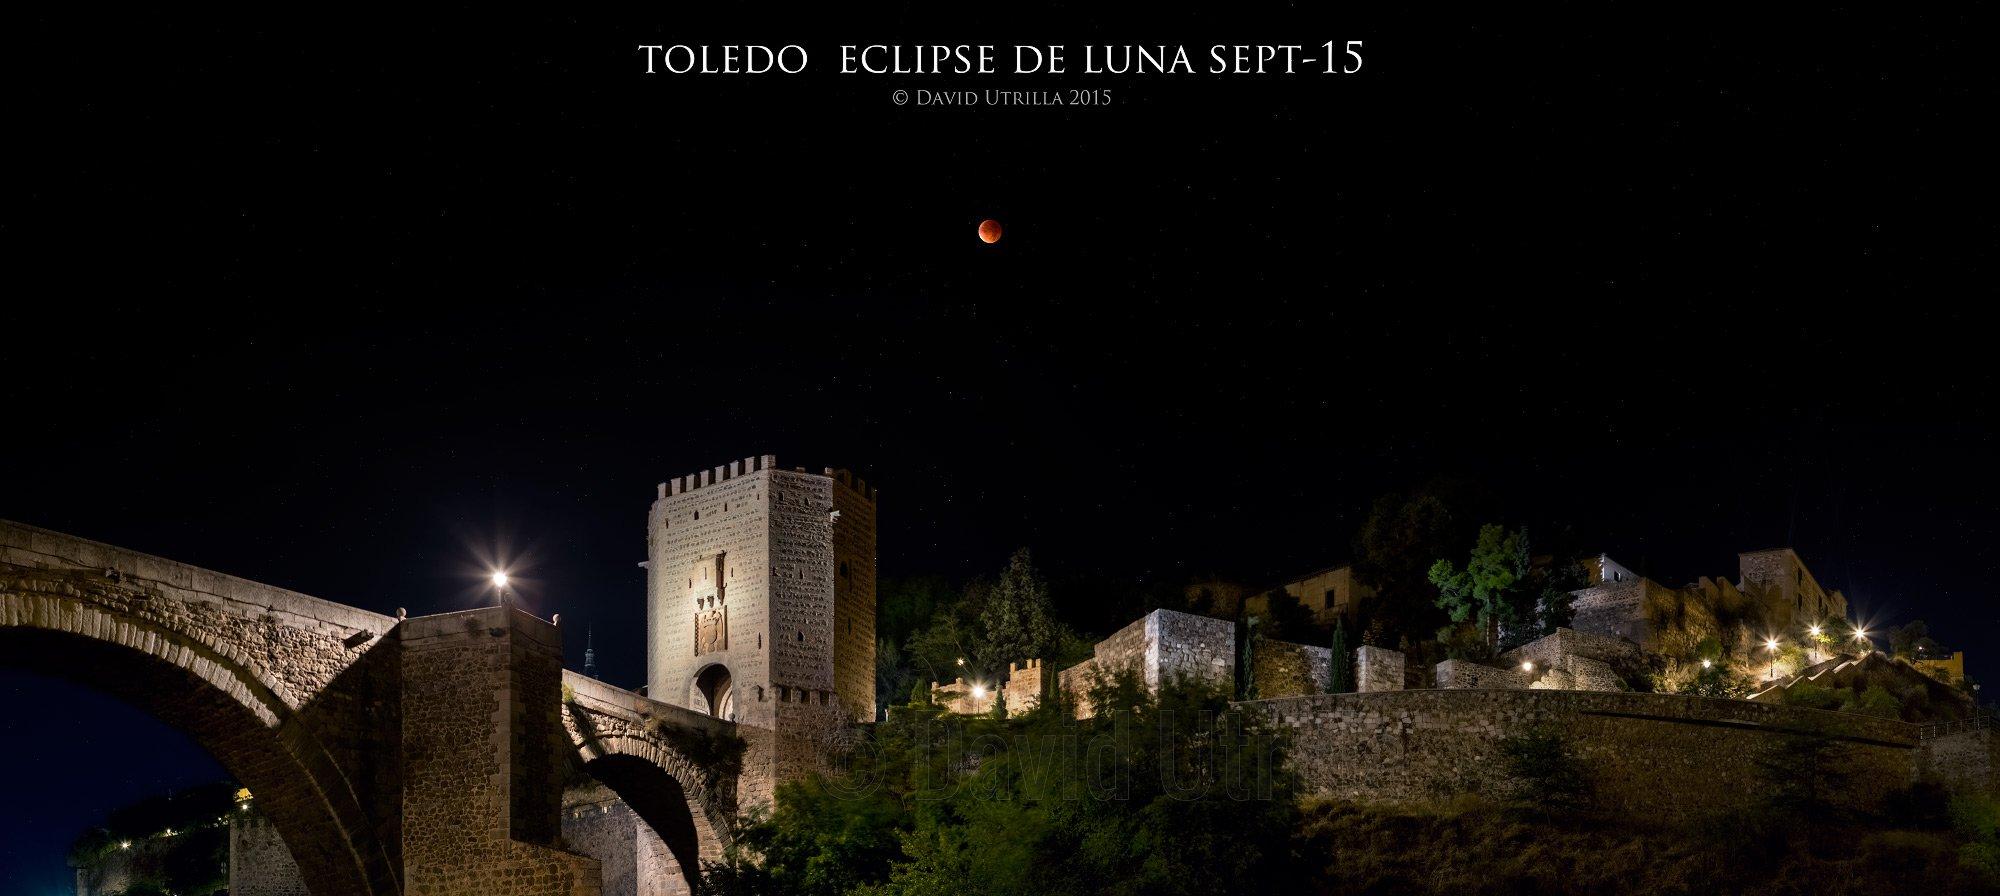 eclipse de luna 15